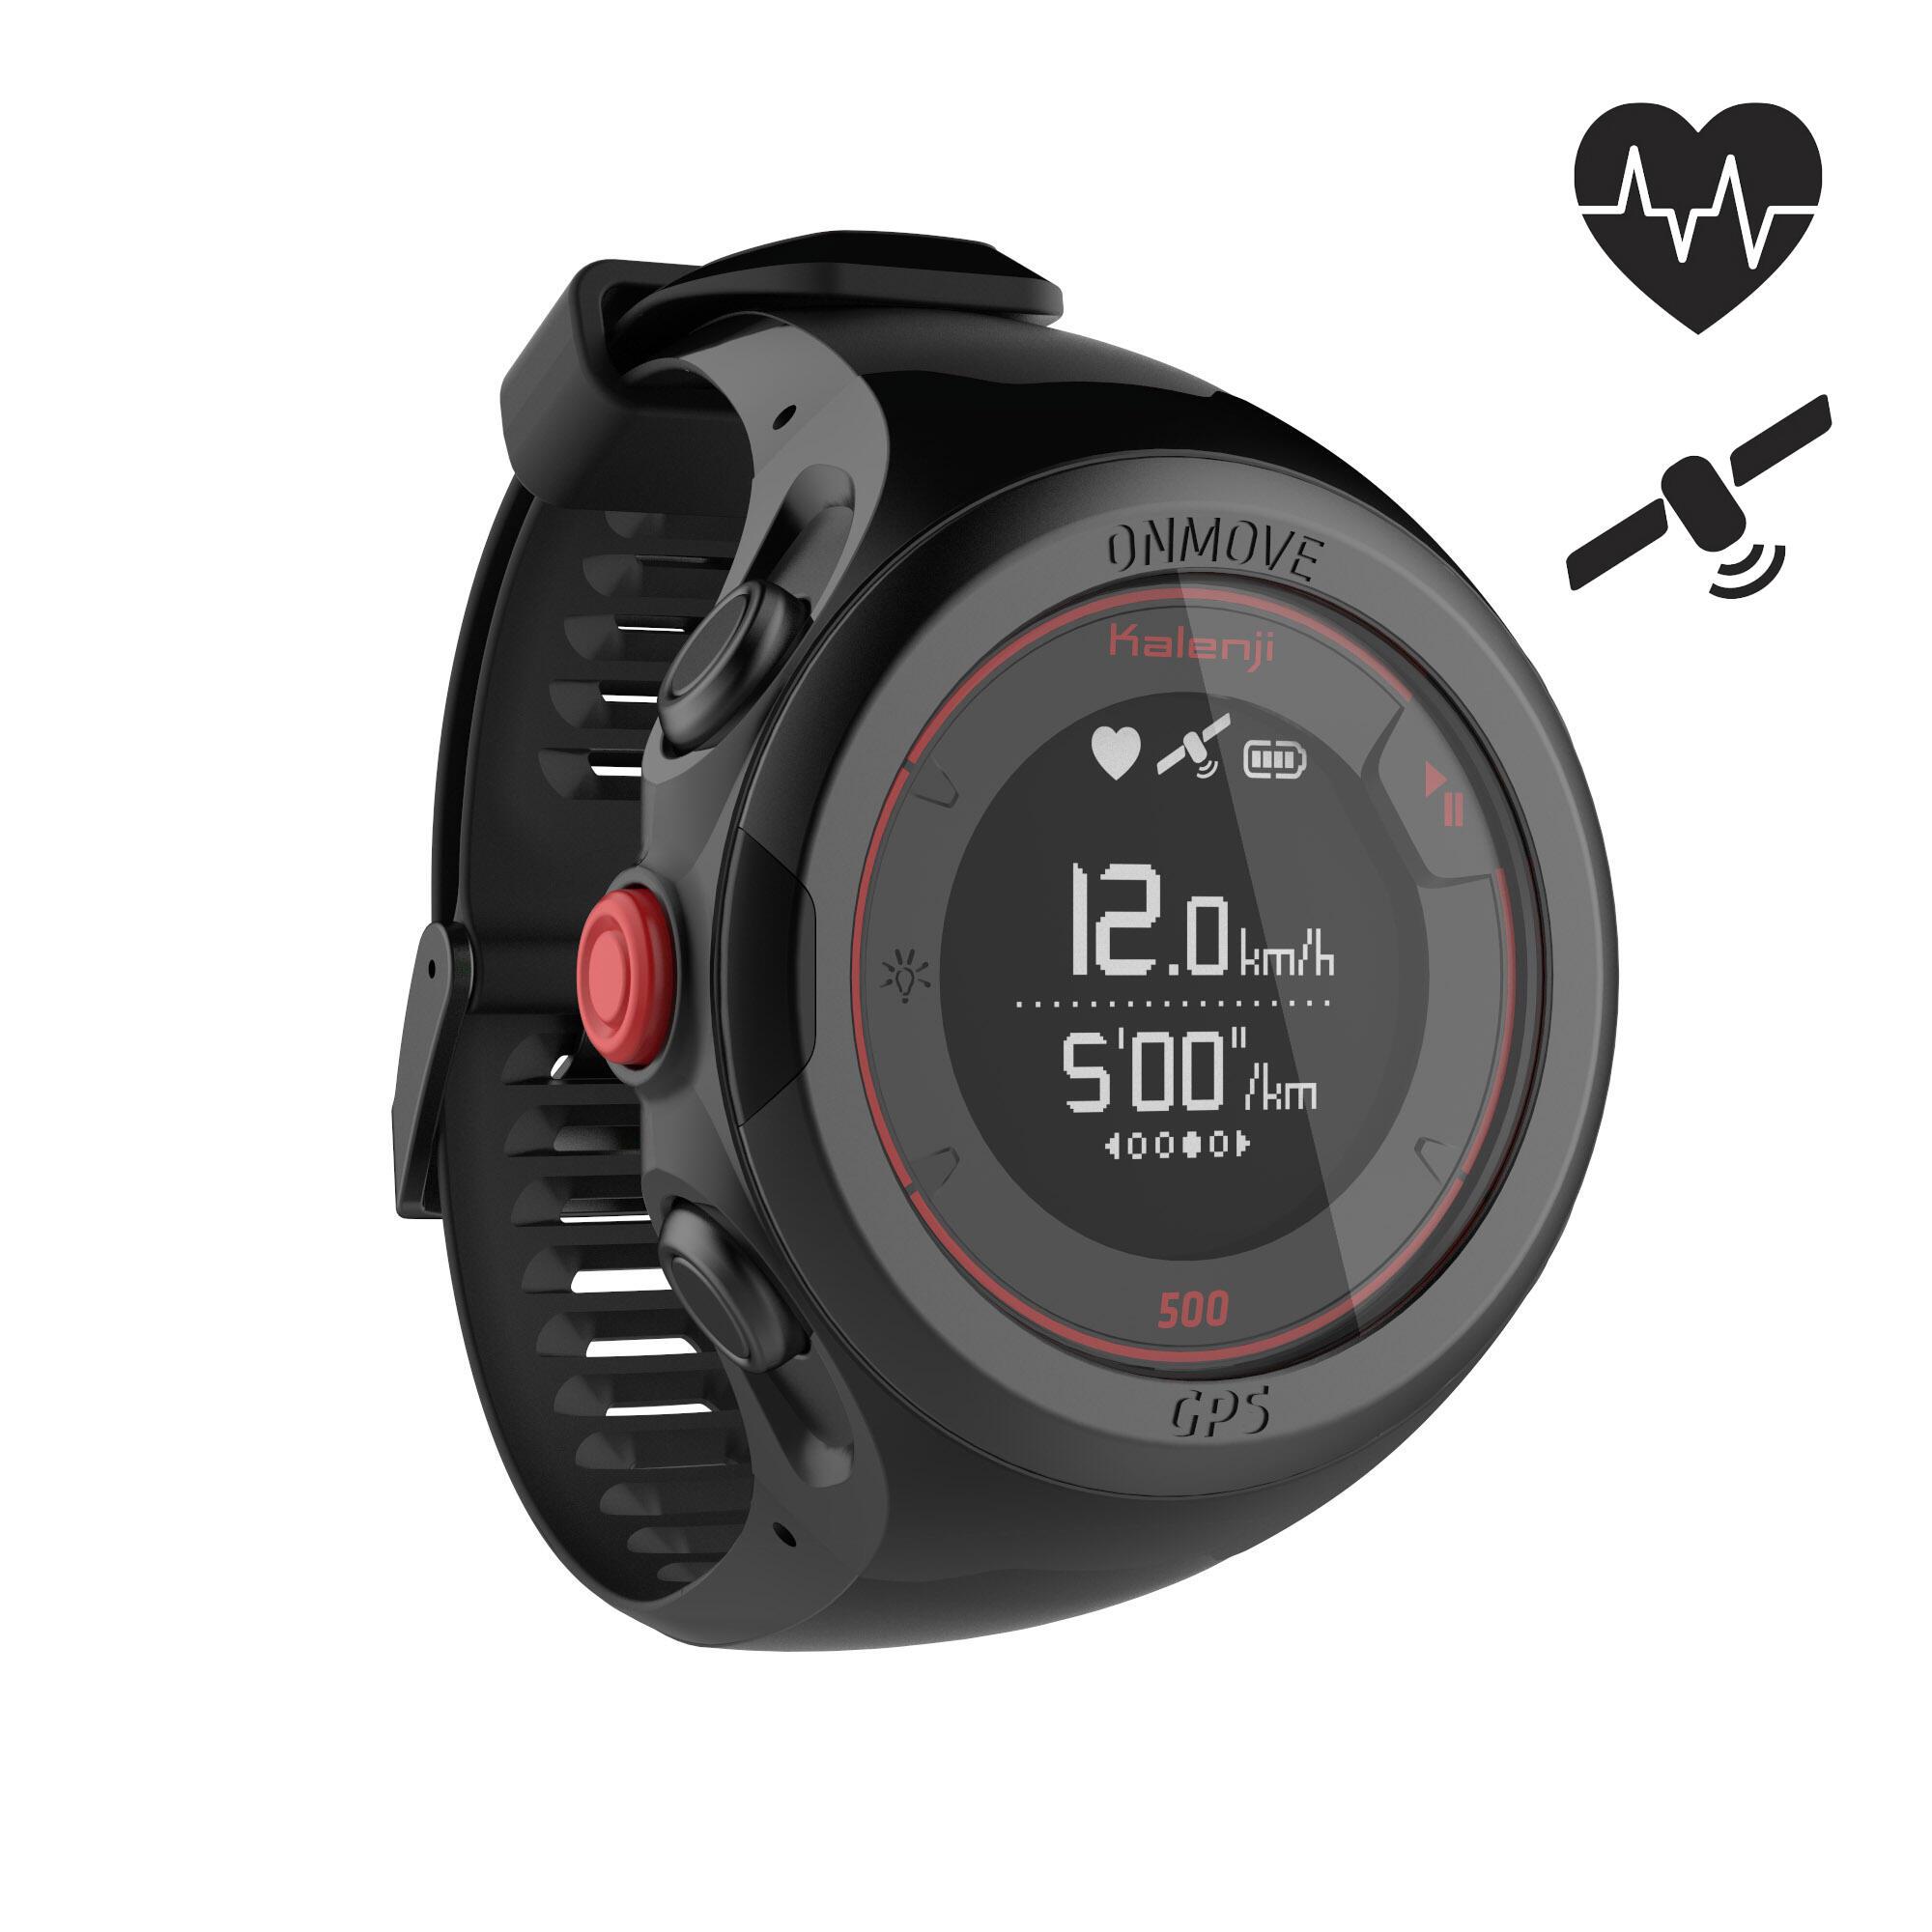 geonaute gps horloge voor hardlopen hartslagmeting aan de pols onmove 500. Black Bedroom Furniture Sets. Home Design Ideas